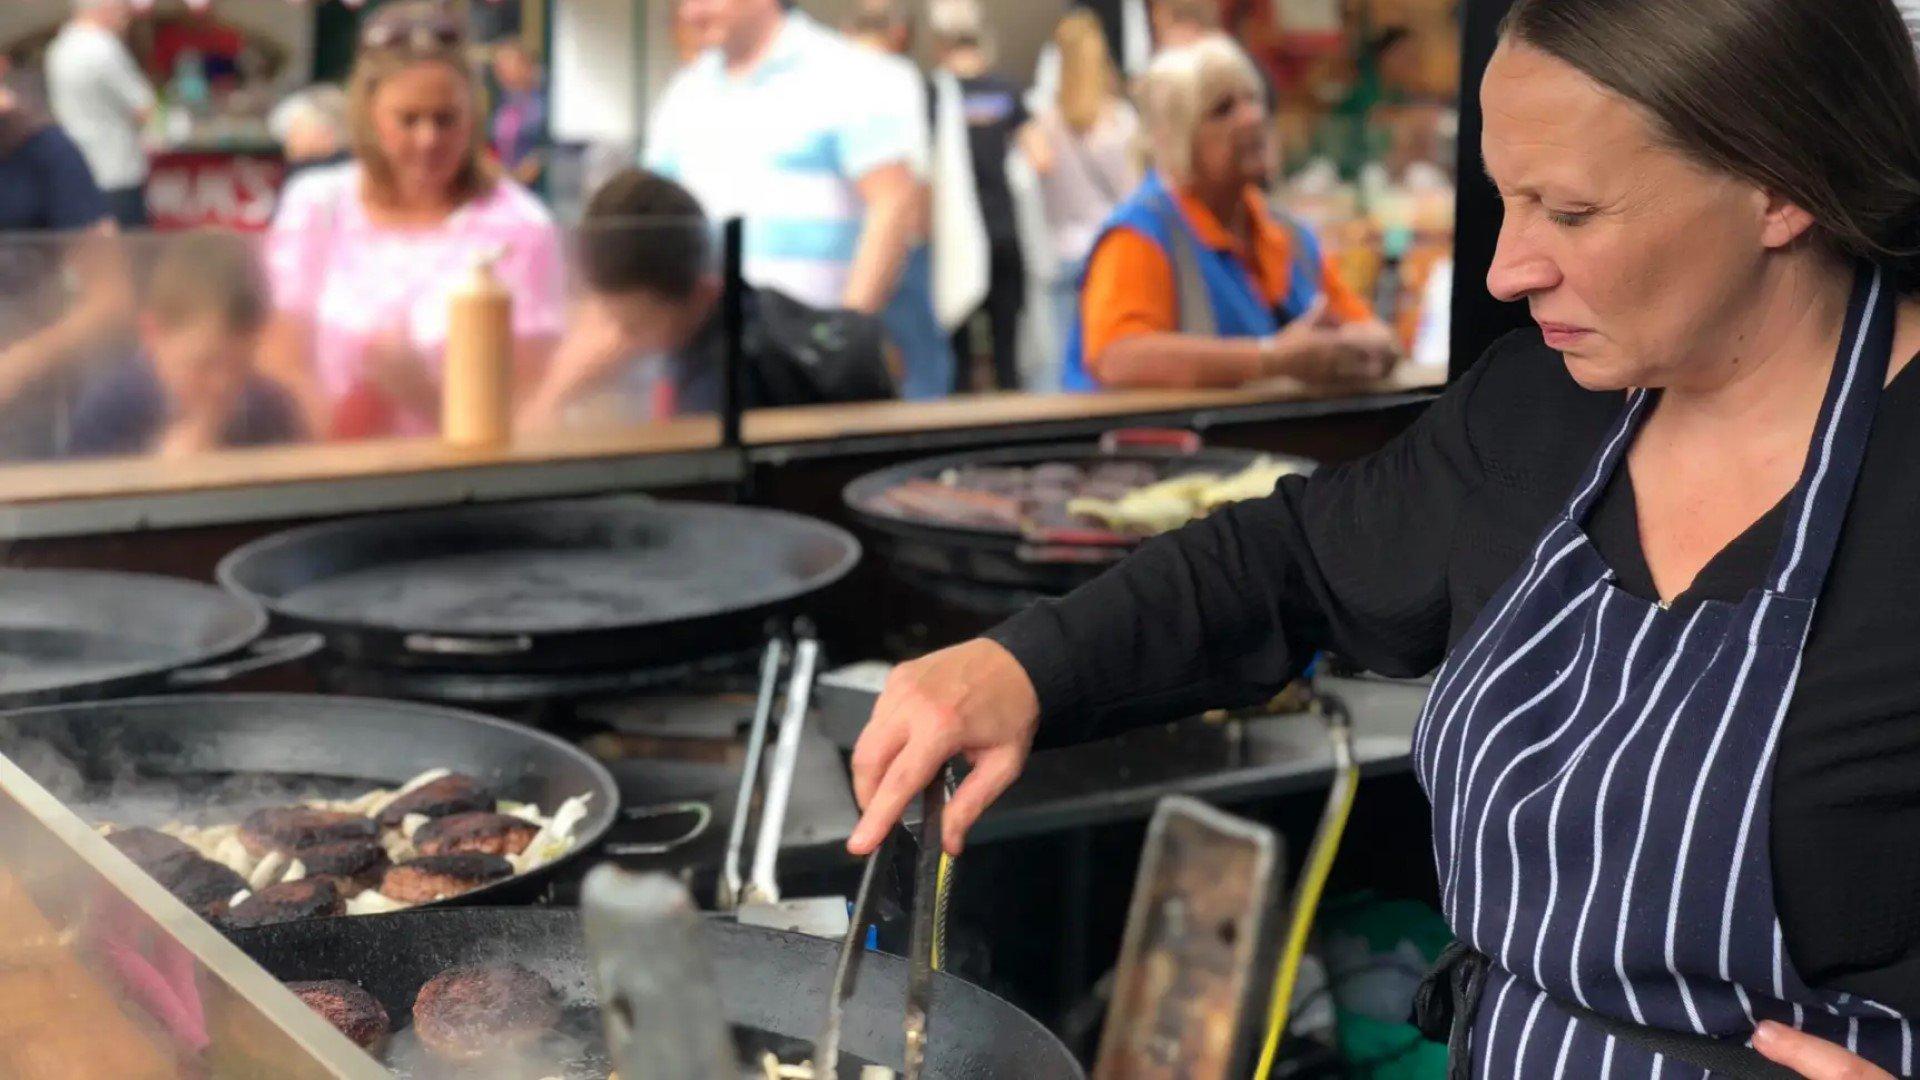 Banbury Food & Drink Festival 2019